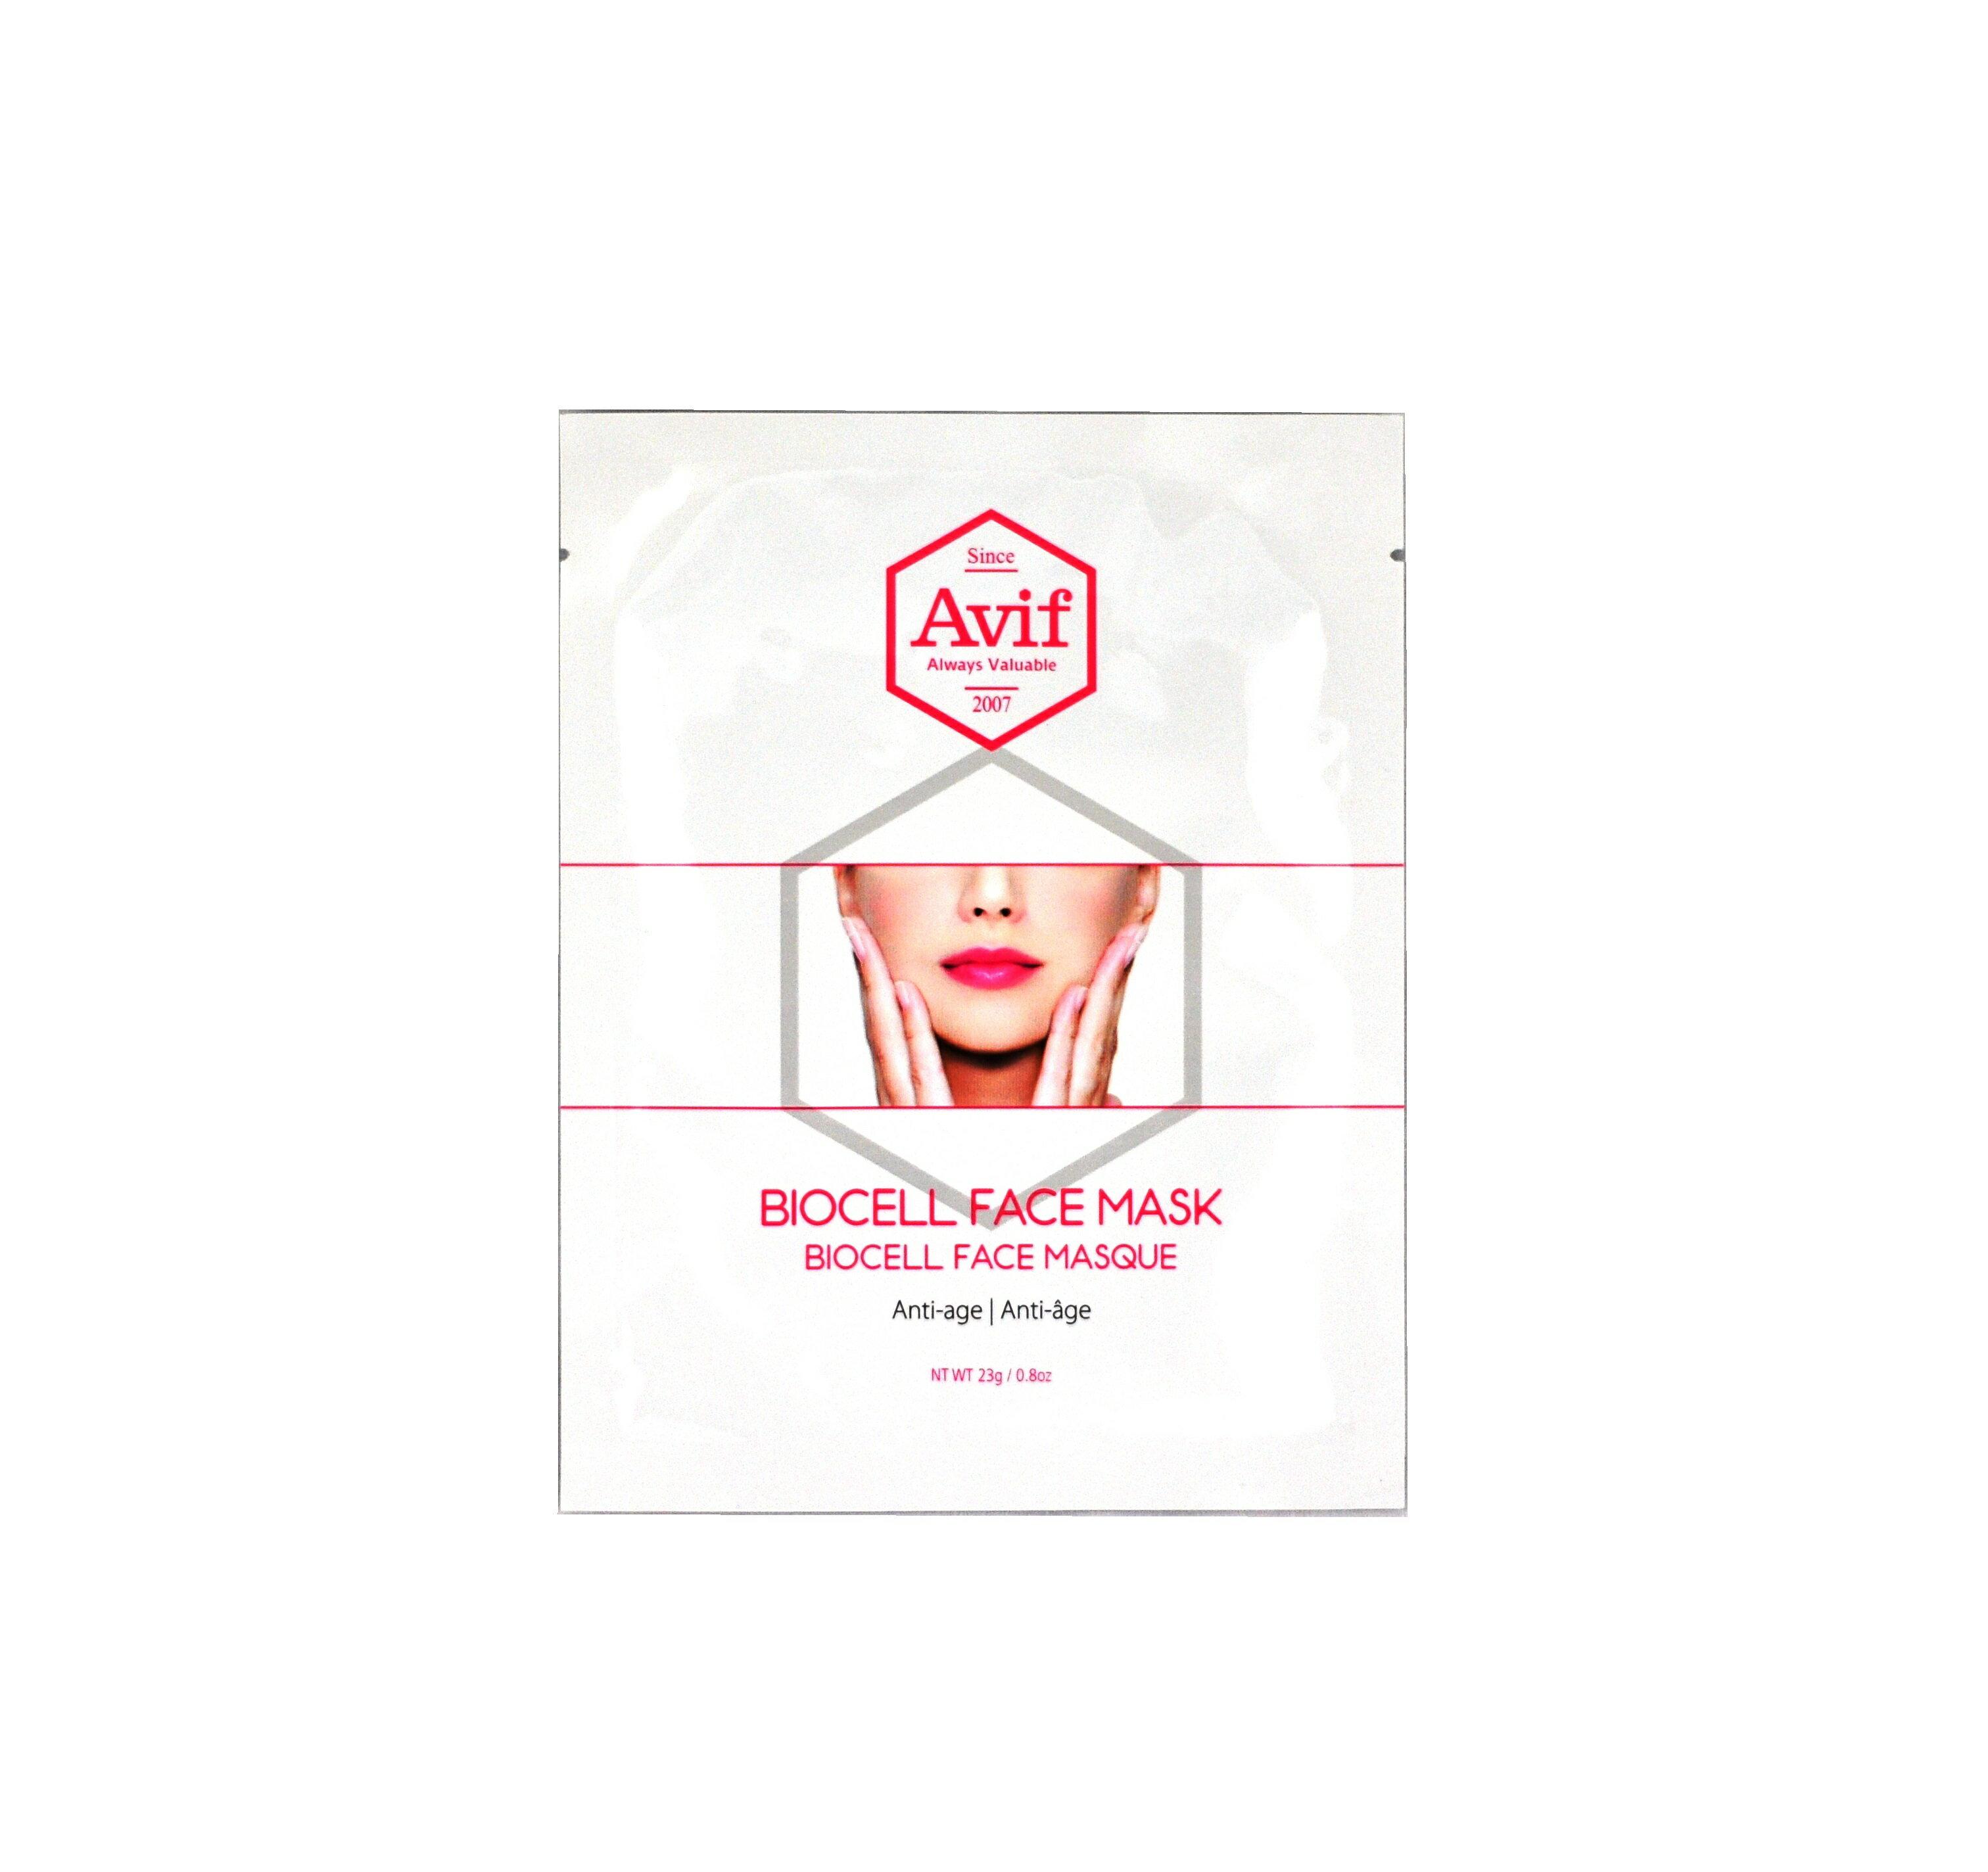 Avif 韓國抗老化面膜 含多天然種植物萃取精華,甘油、銀葉百里香萃取液、膠原蛋白、甜瓜